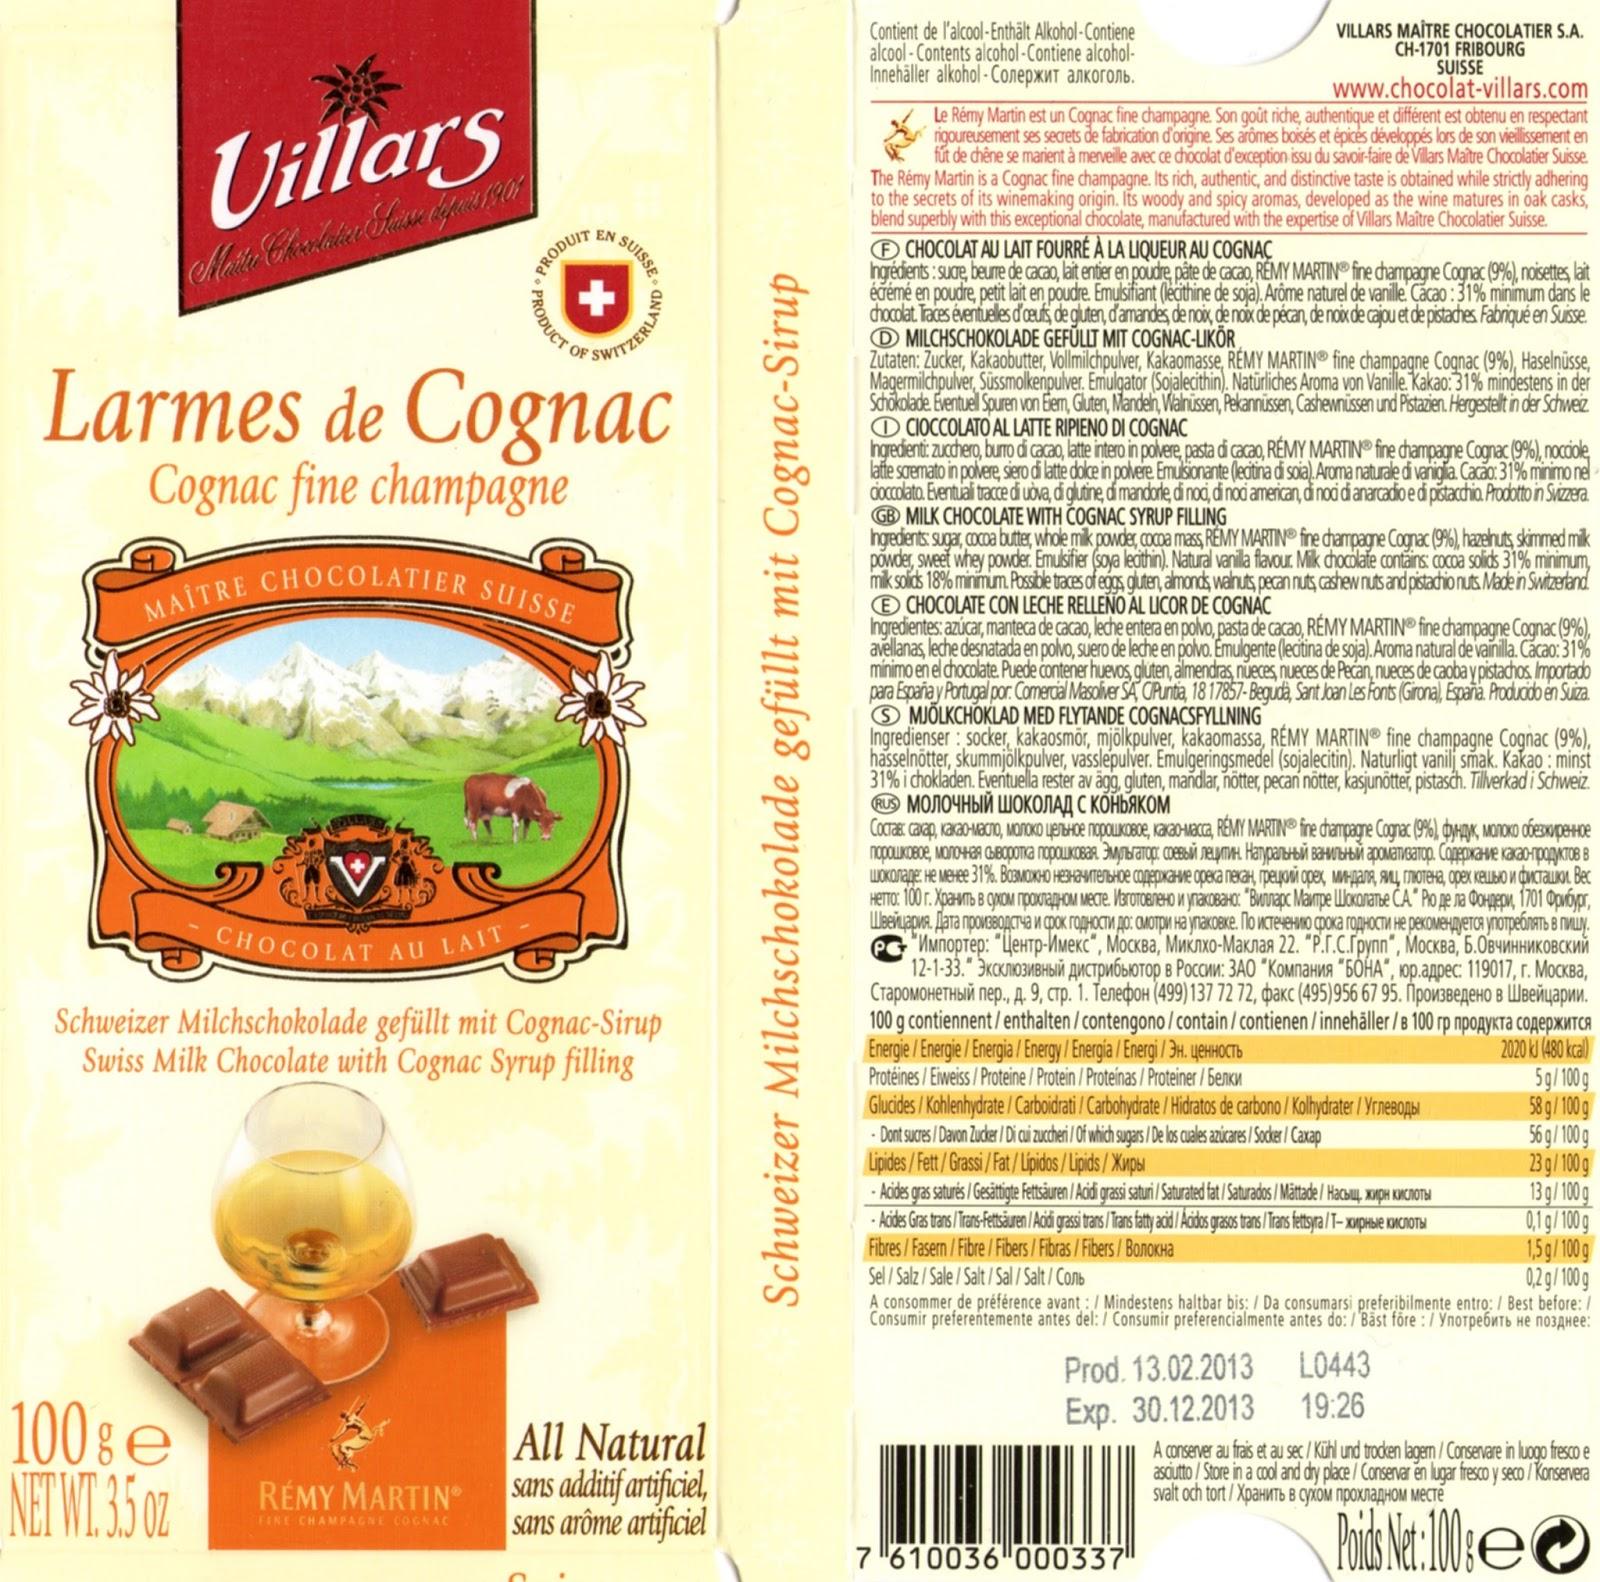 tablette de chocolat lait fourré villars lait larmes de cognac